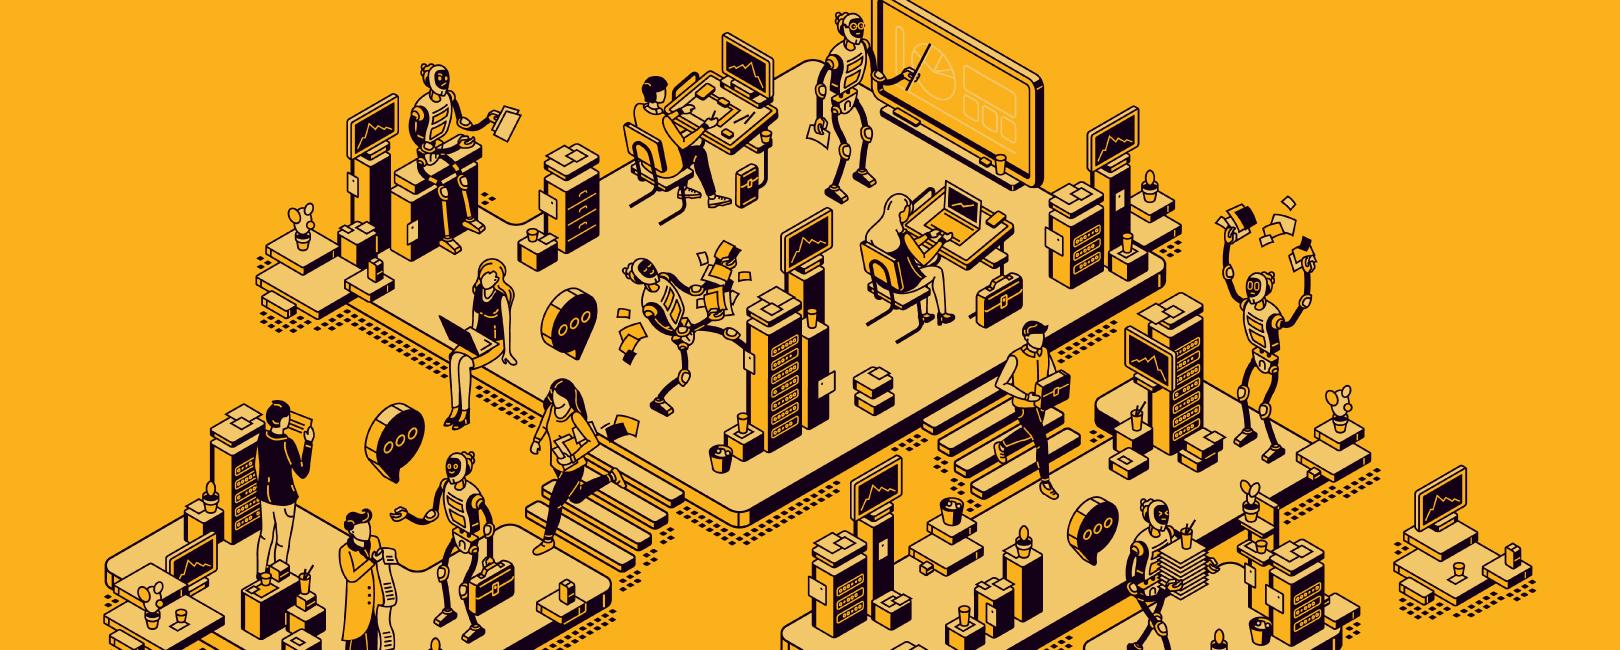 La simbiosis hombre-máquina en las organizaciones